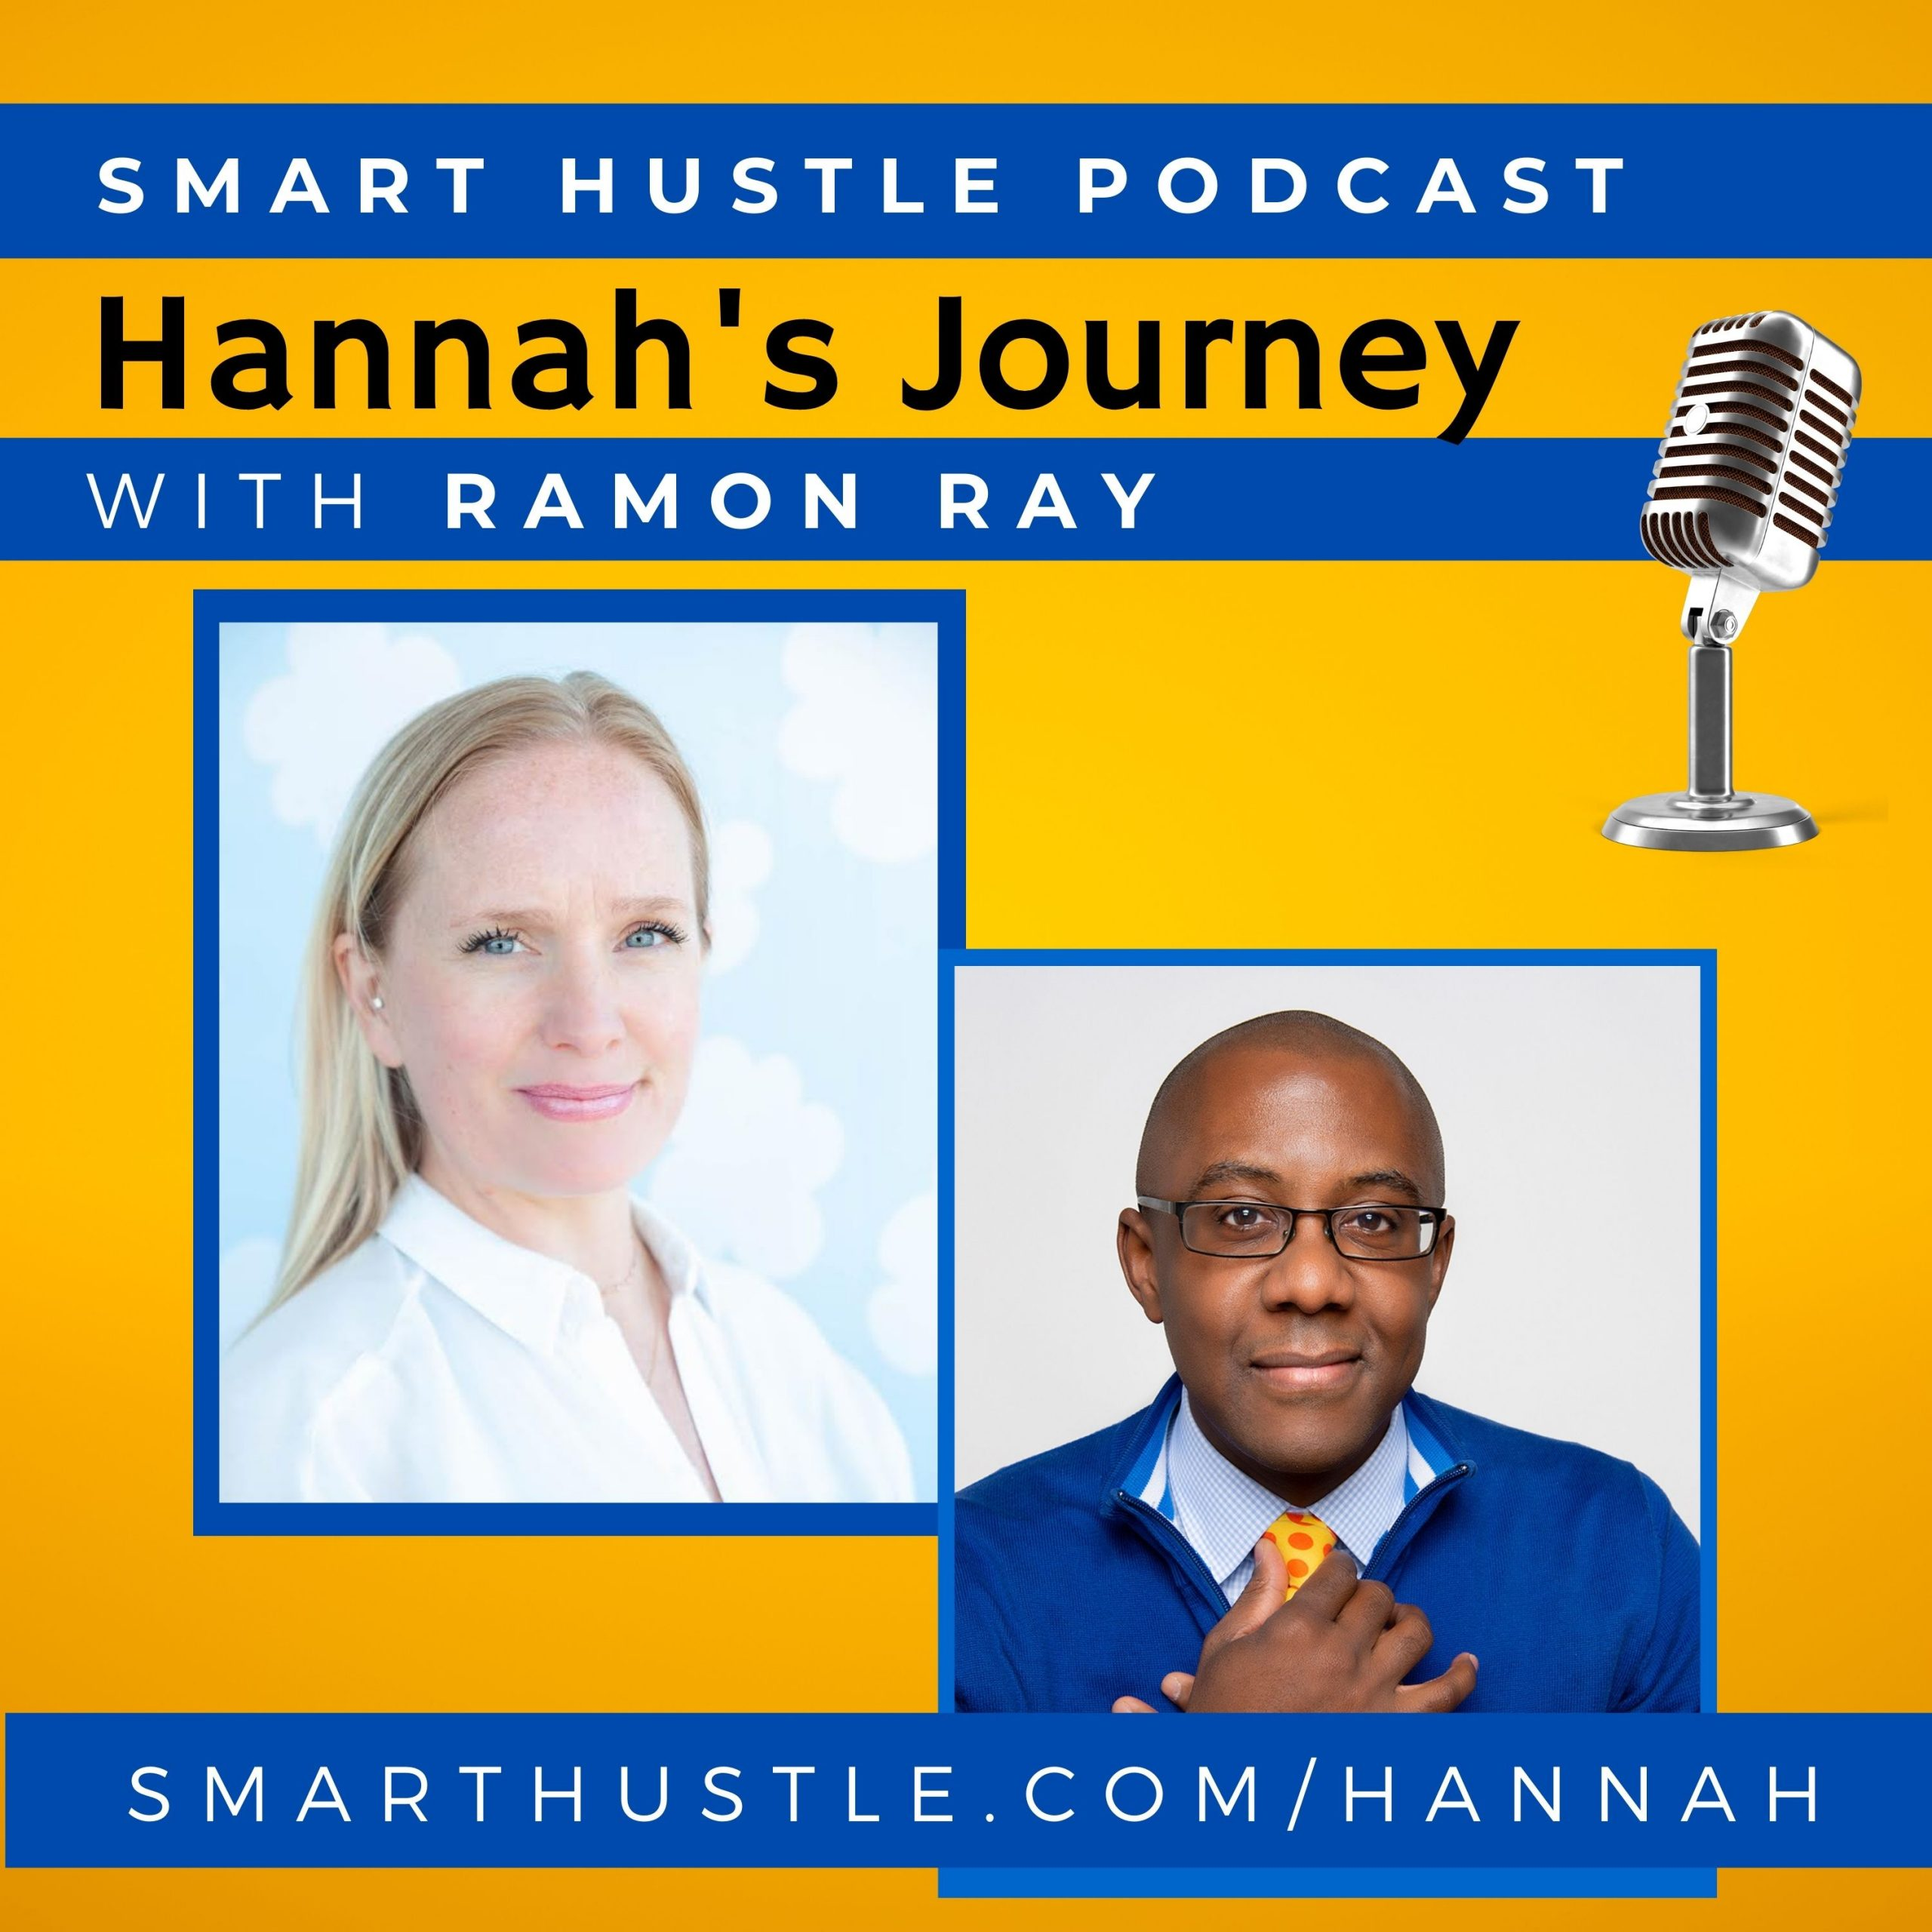 Hannah's Journey - Hannah and Ramon